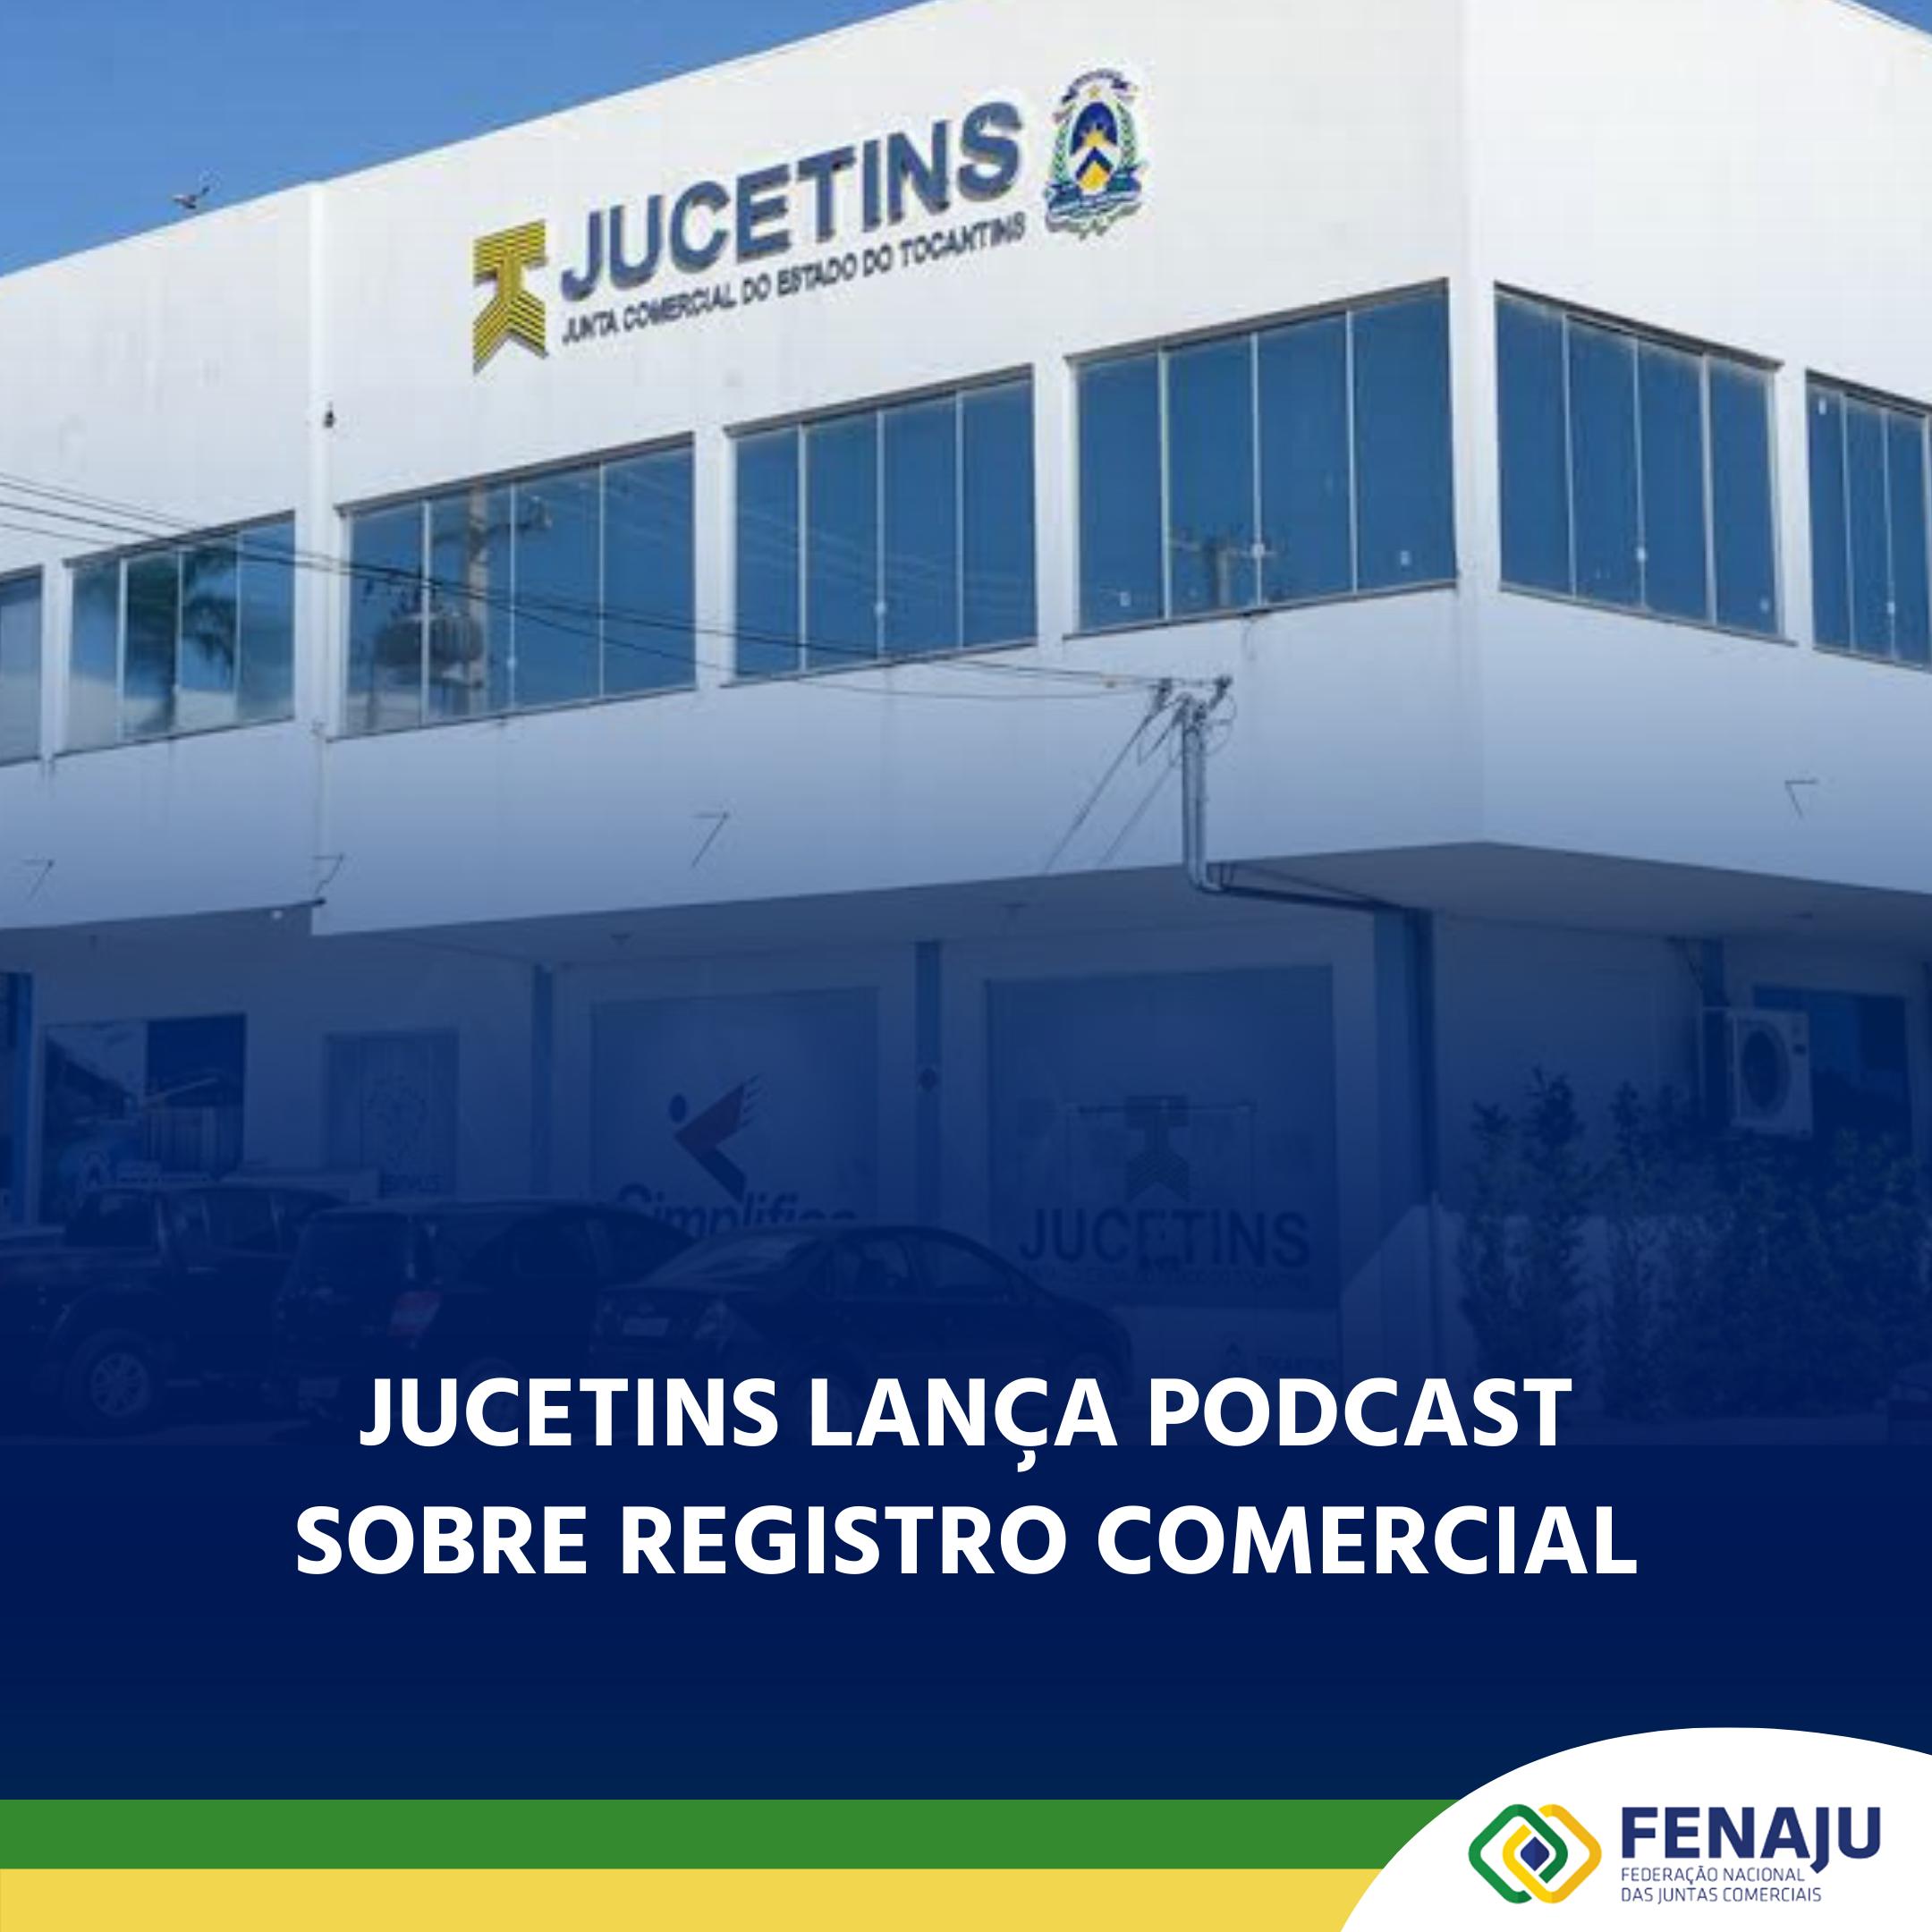 Jucetins lança podcast sobre registro comercial, o primeiro do ramo no Brasil